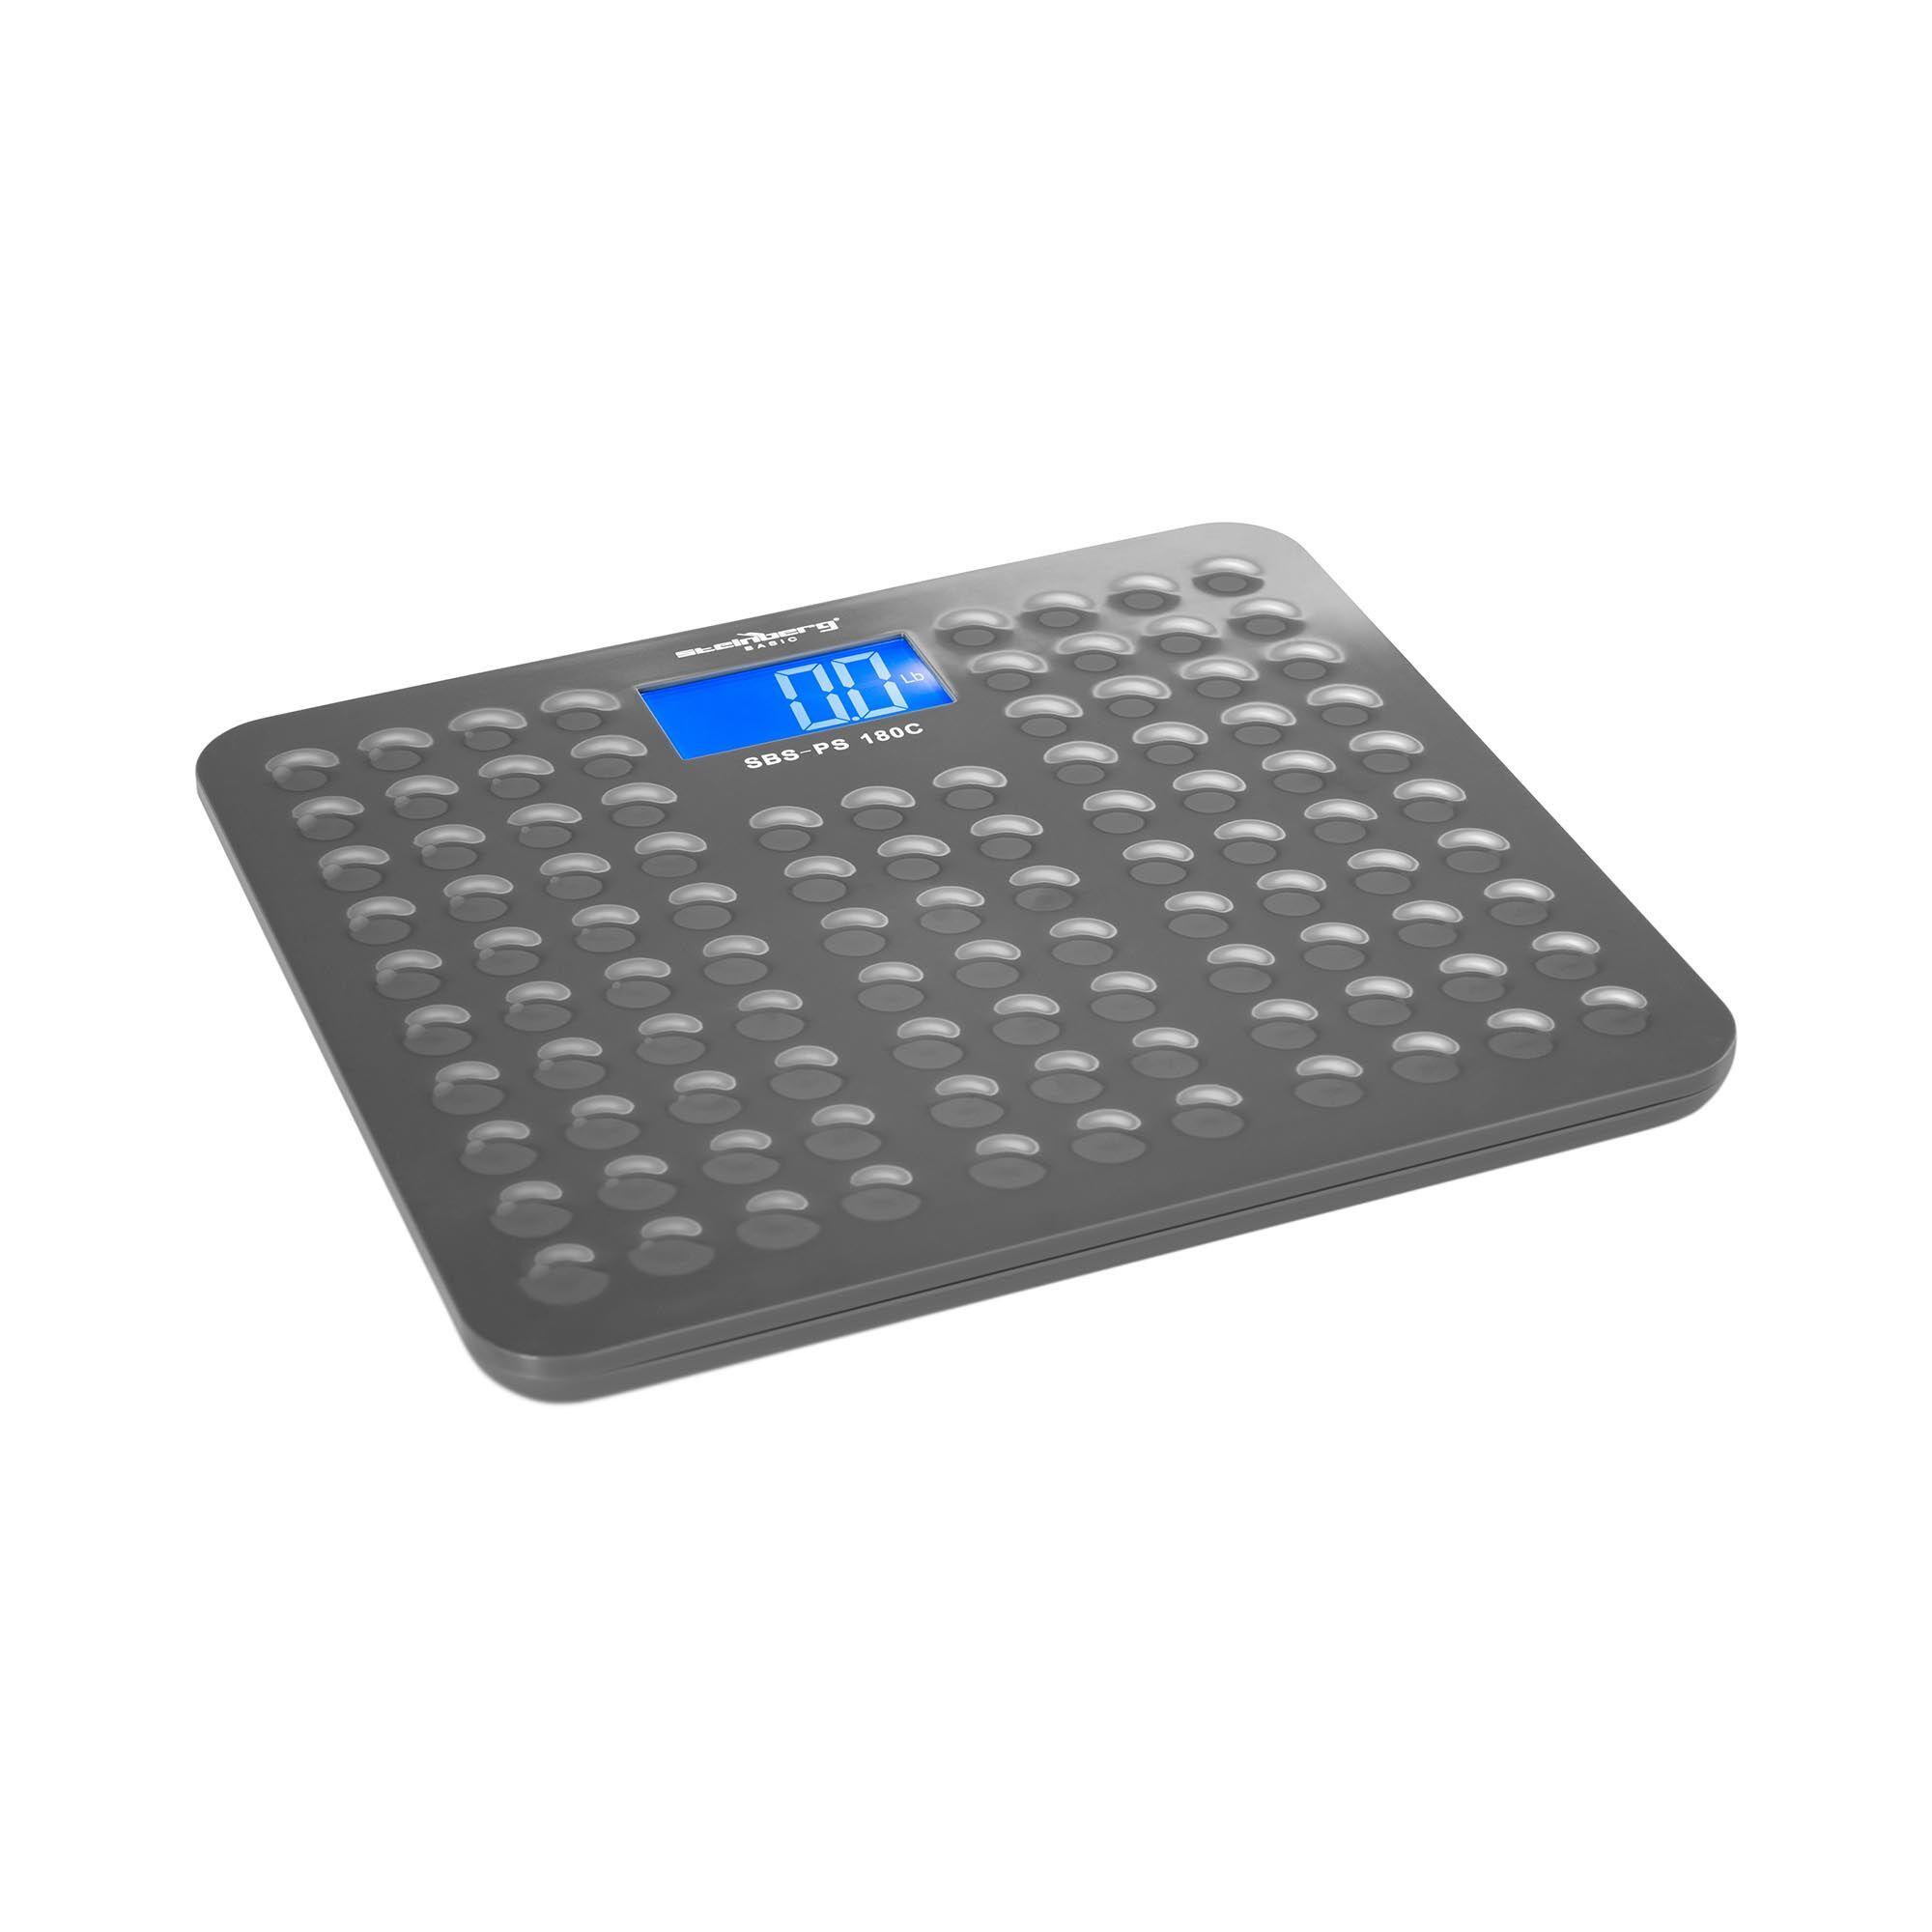 Steinberg Basic Pèse-personne électronique - 180 kg SBS-PS-180C